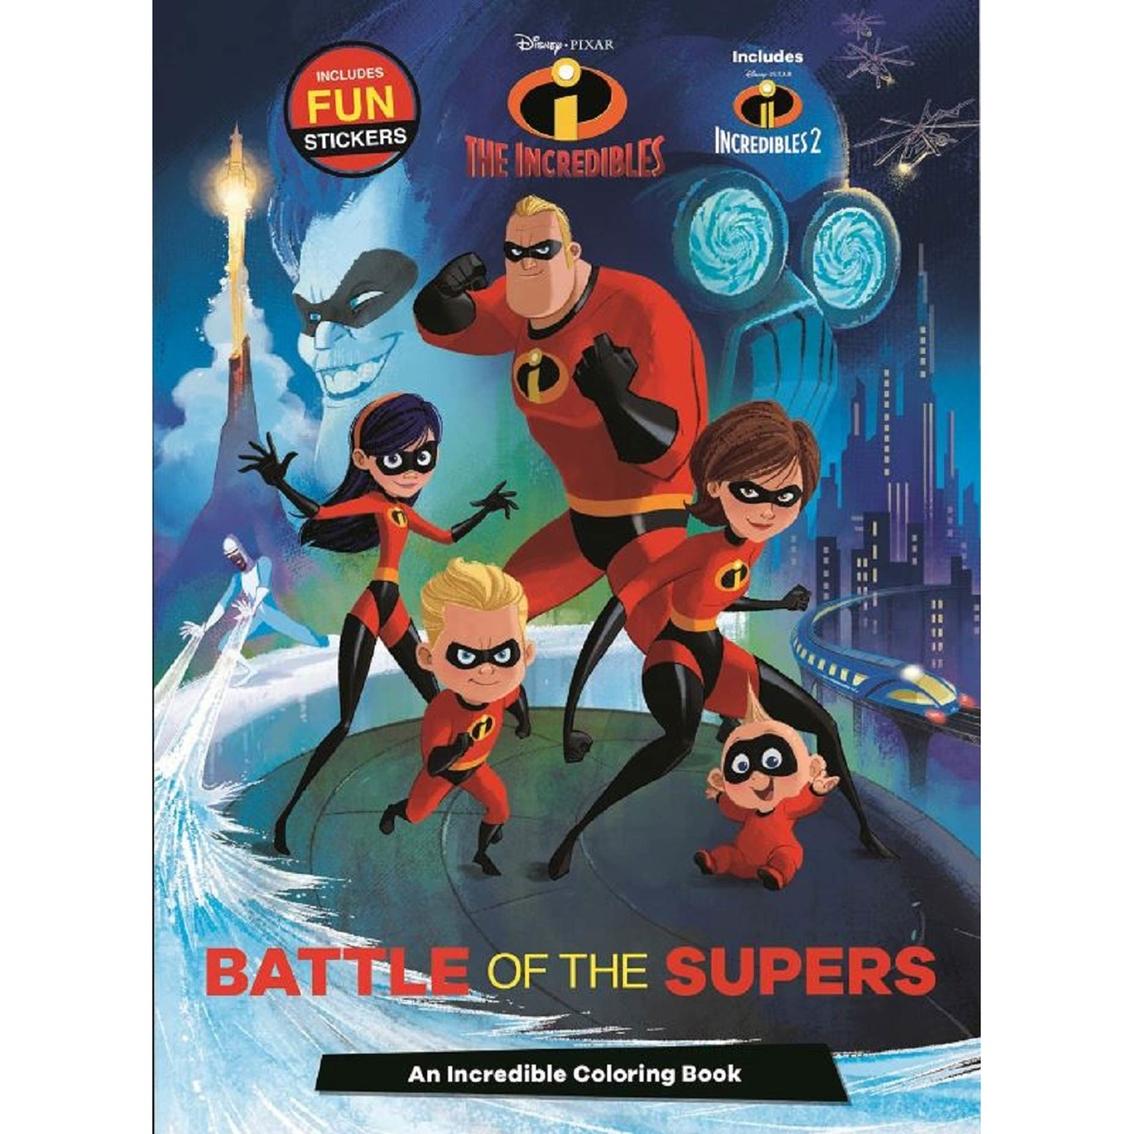 Disney Pixar Incredibles Battle Of The Supers Coloring Book ... d5d15d1ad8de0